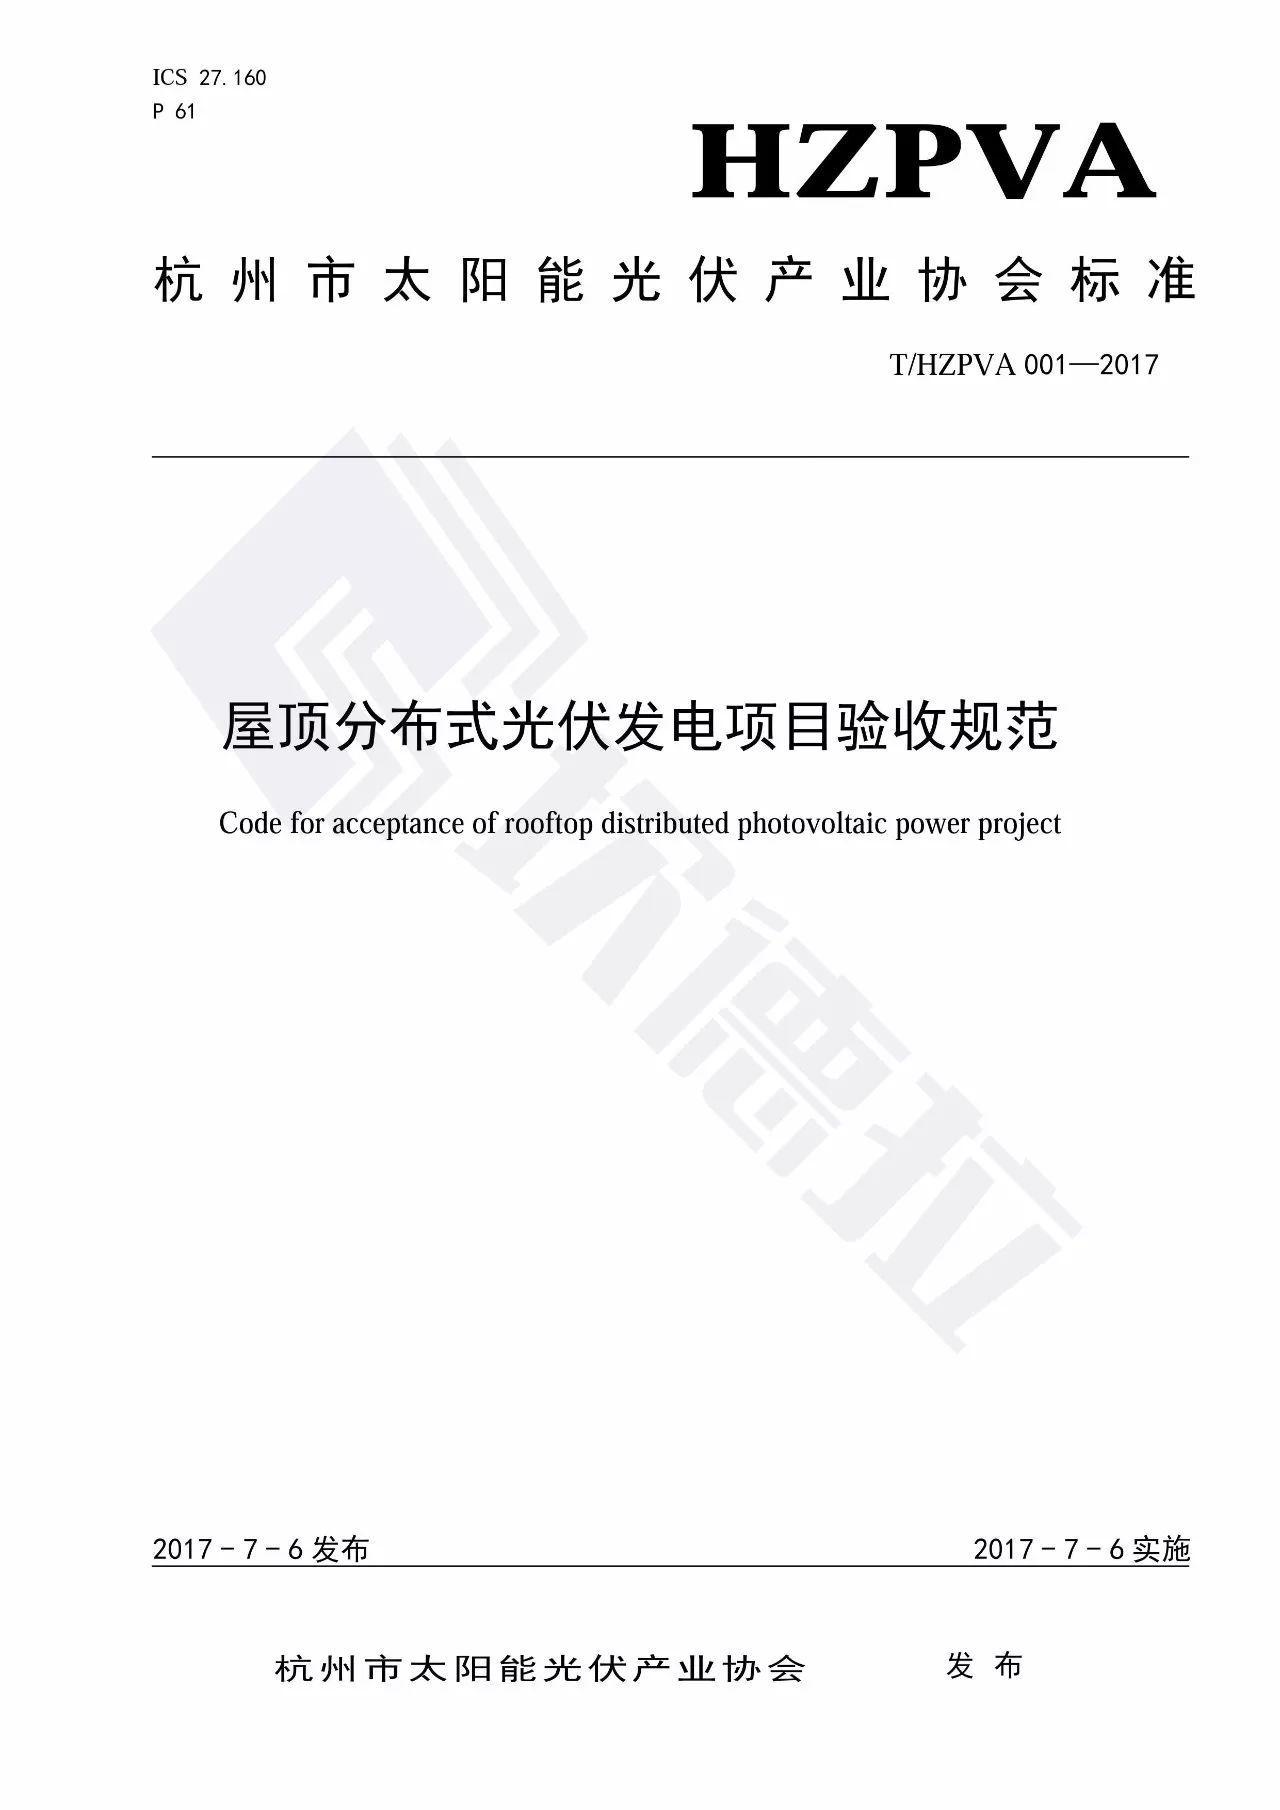 【规范图书馆】屋顶分布式光伏发电项目验收规范